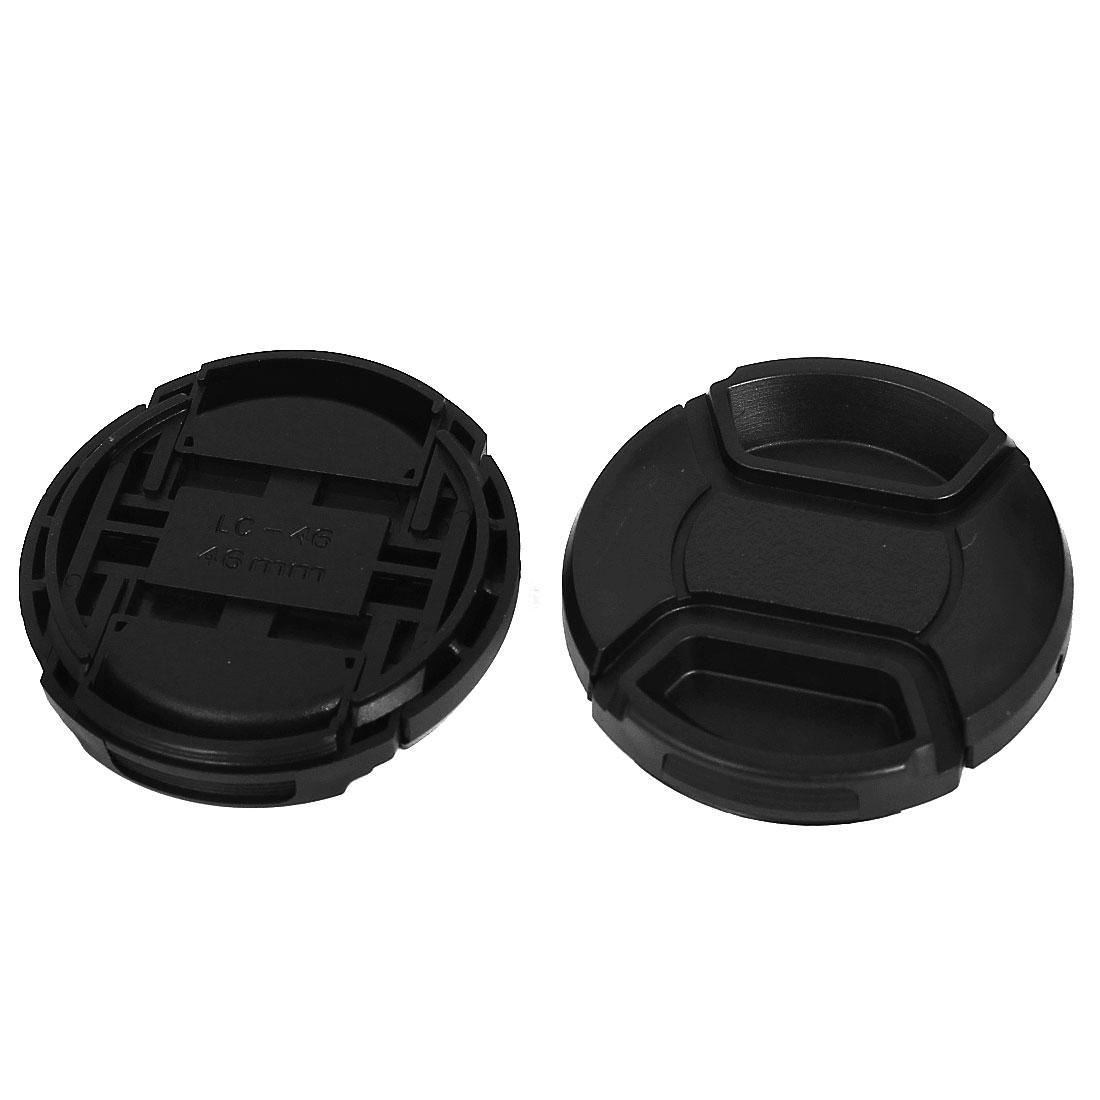 46mm Dia Plastic Front Snap Digital Camera Lens Caps Cover Protector Black 2Pcs